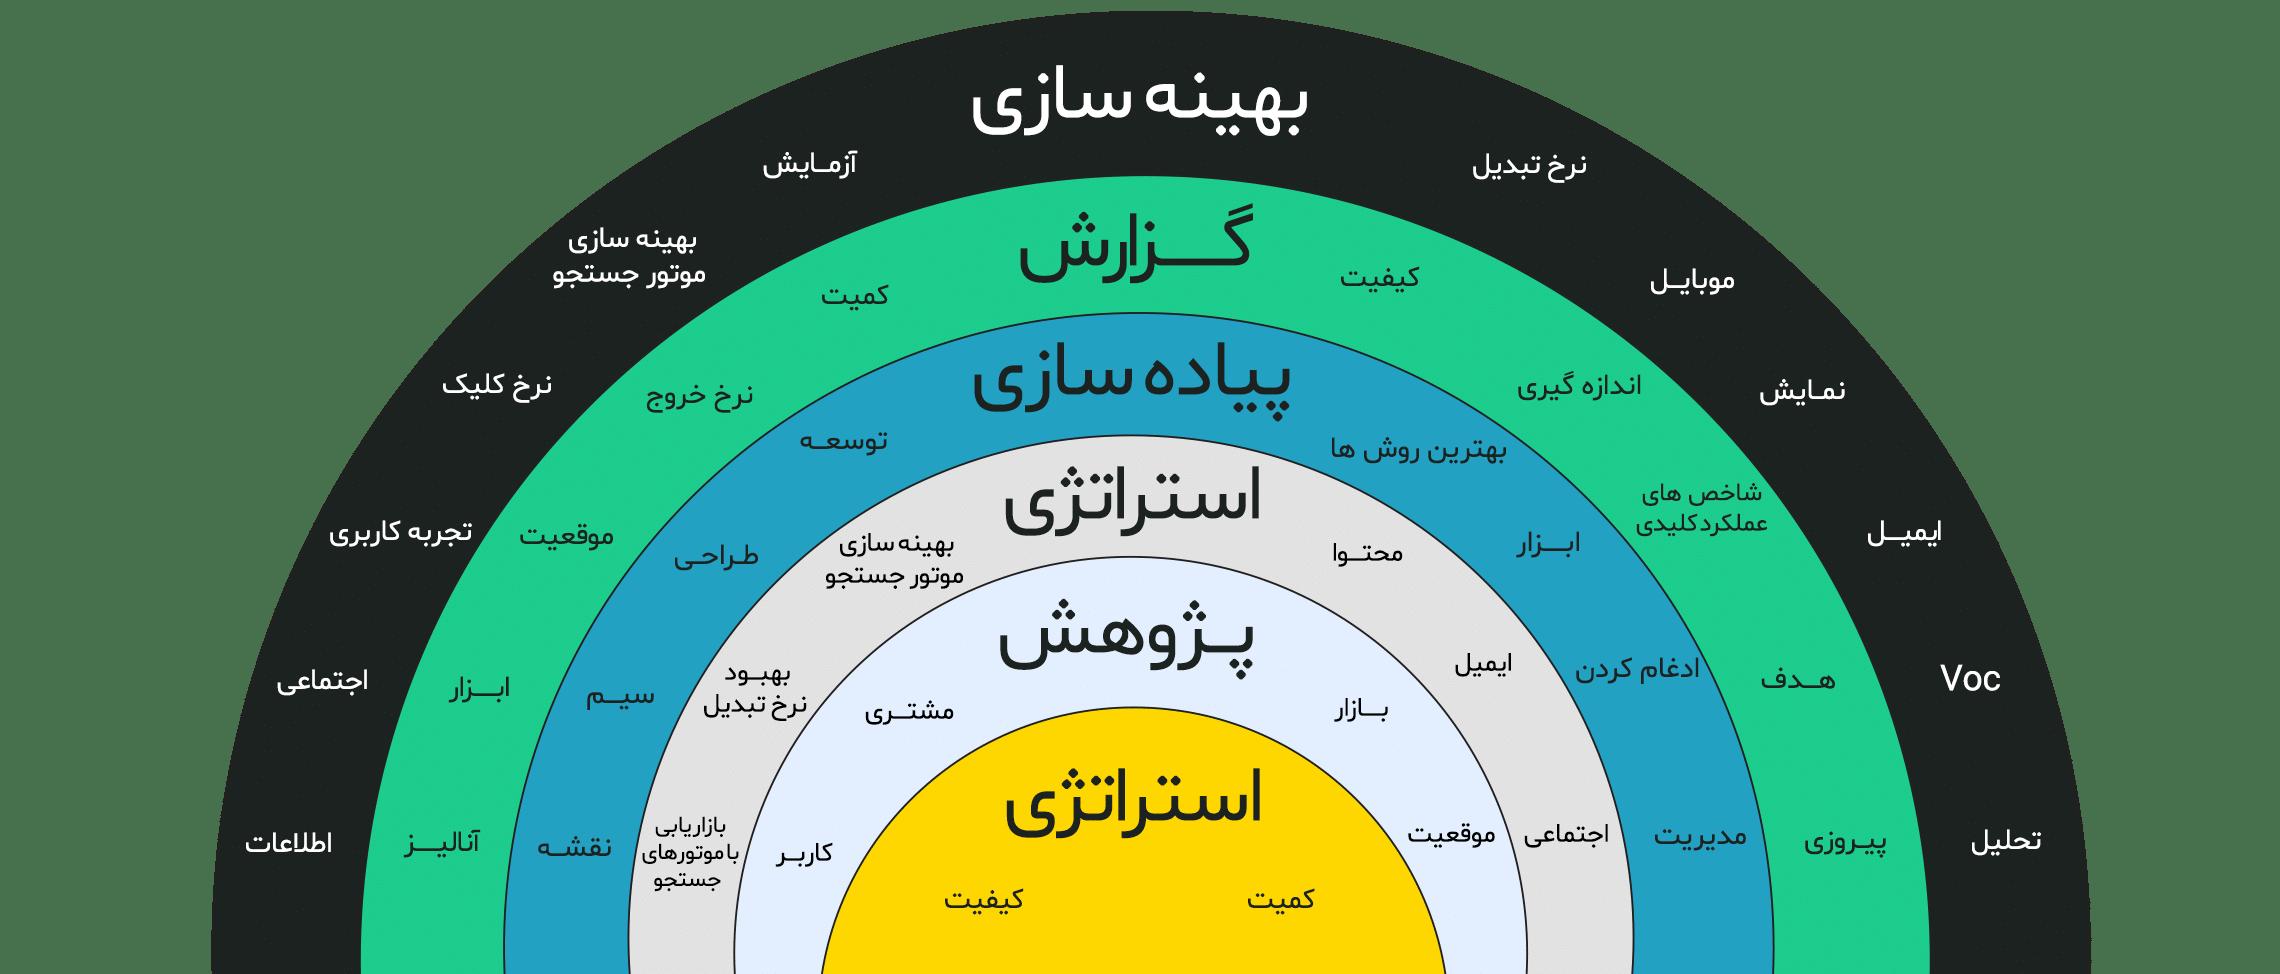 اینفوگرافیک طراحی وب